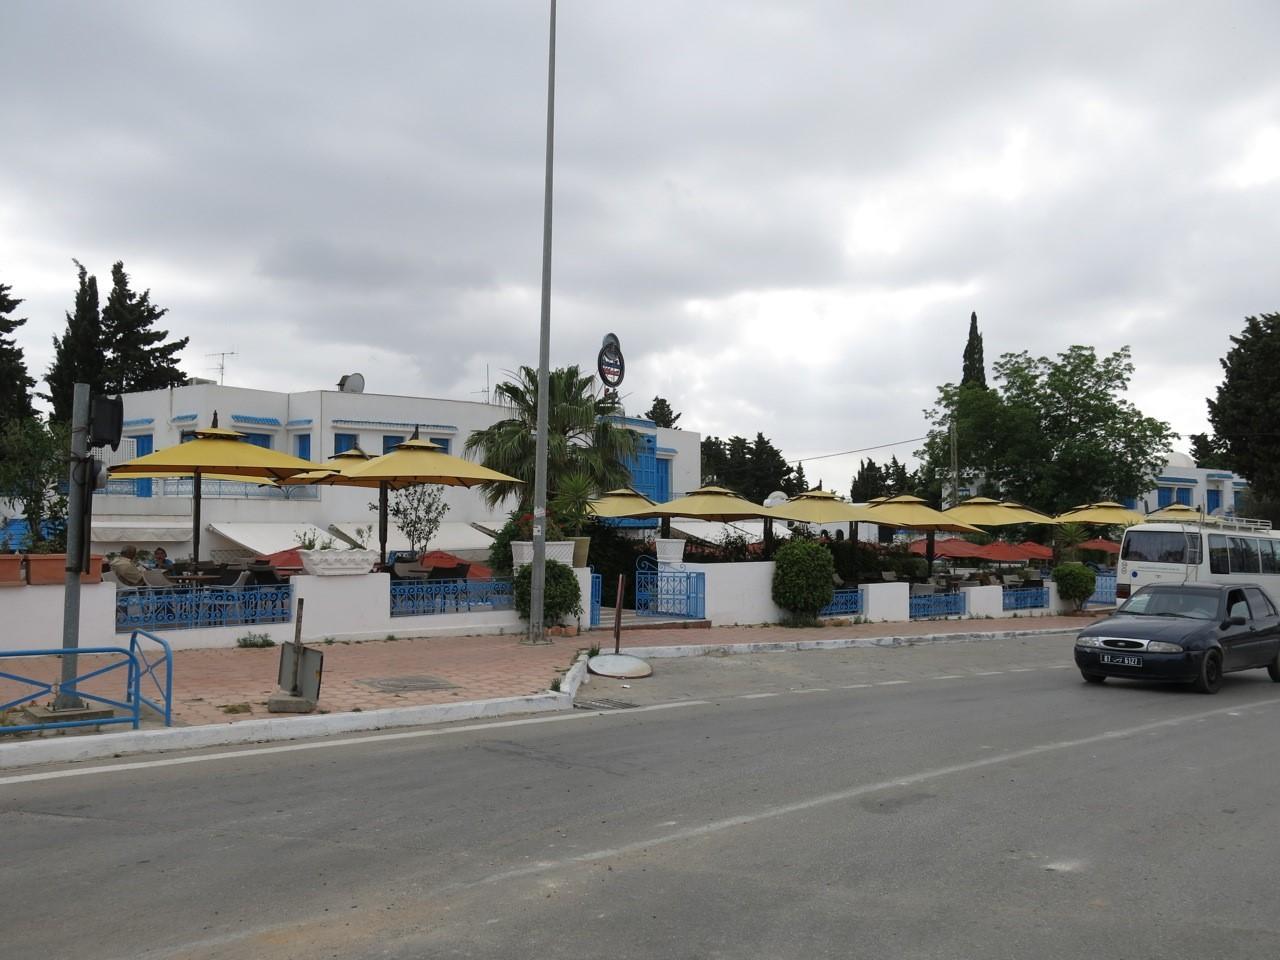 Les gares du tgm l 39 atelier carthage for Sidi bou said restaurant